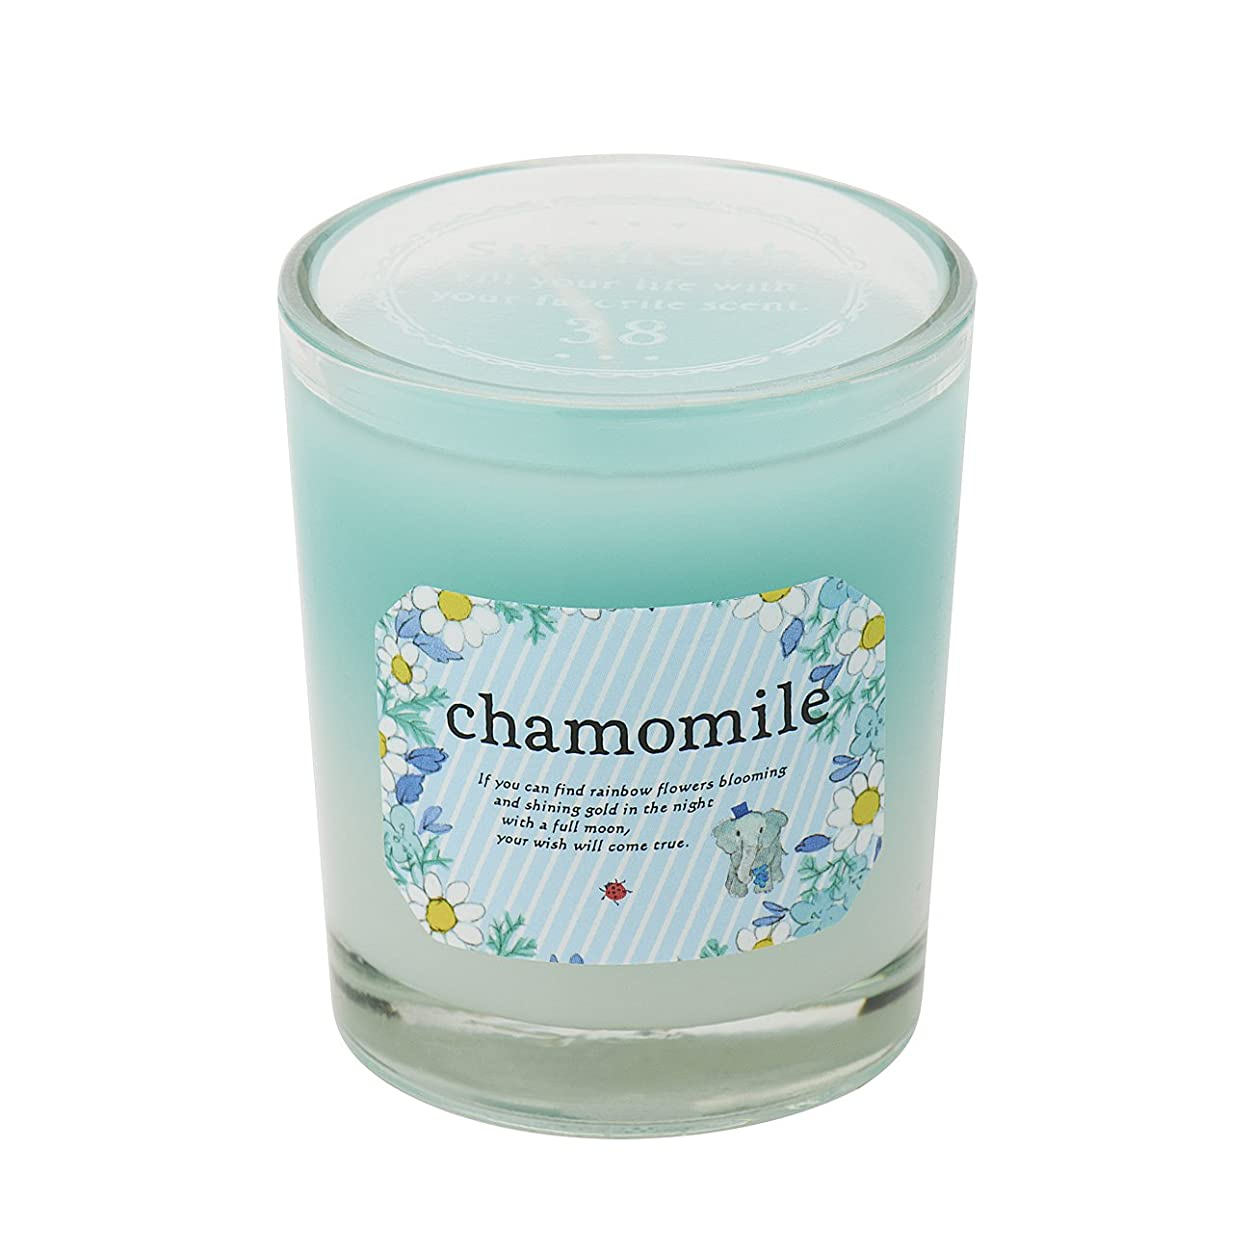 解放首尾一貫した水銀のサンハーブ グラスキャンドル カモマイル 35g(グラデーションろうそく 燃焼時間約10時間 やさしく穏やかな甘い香り)